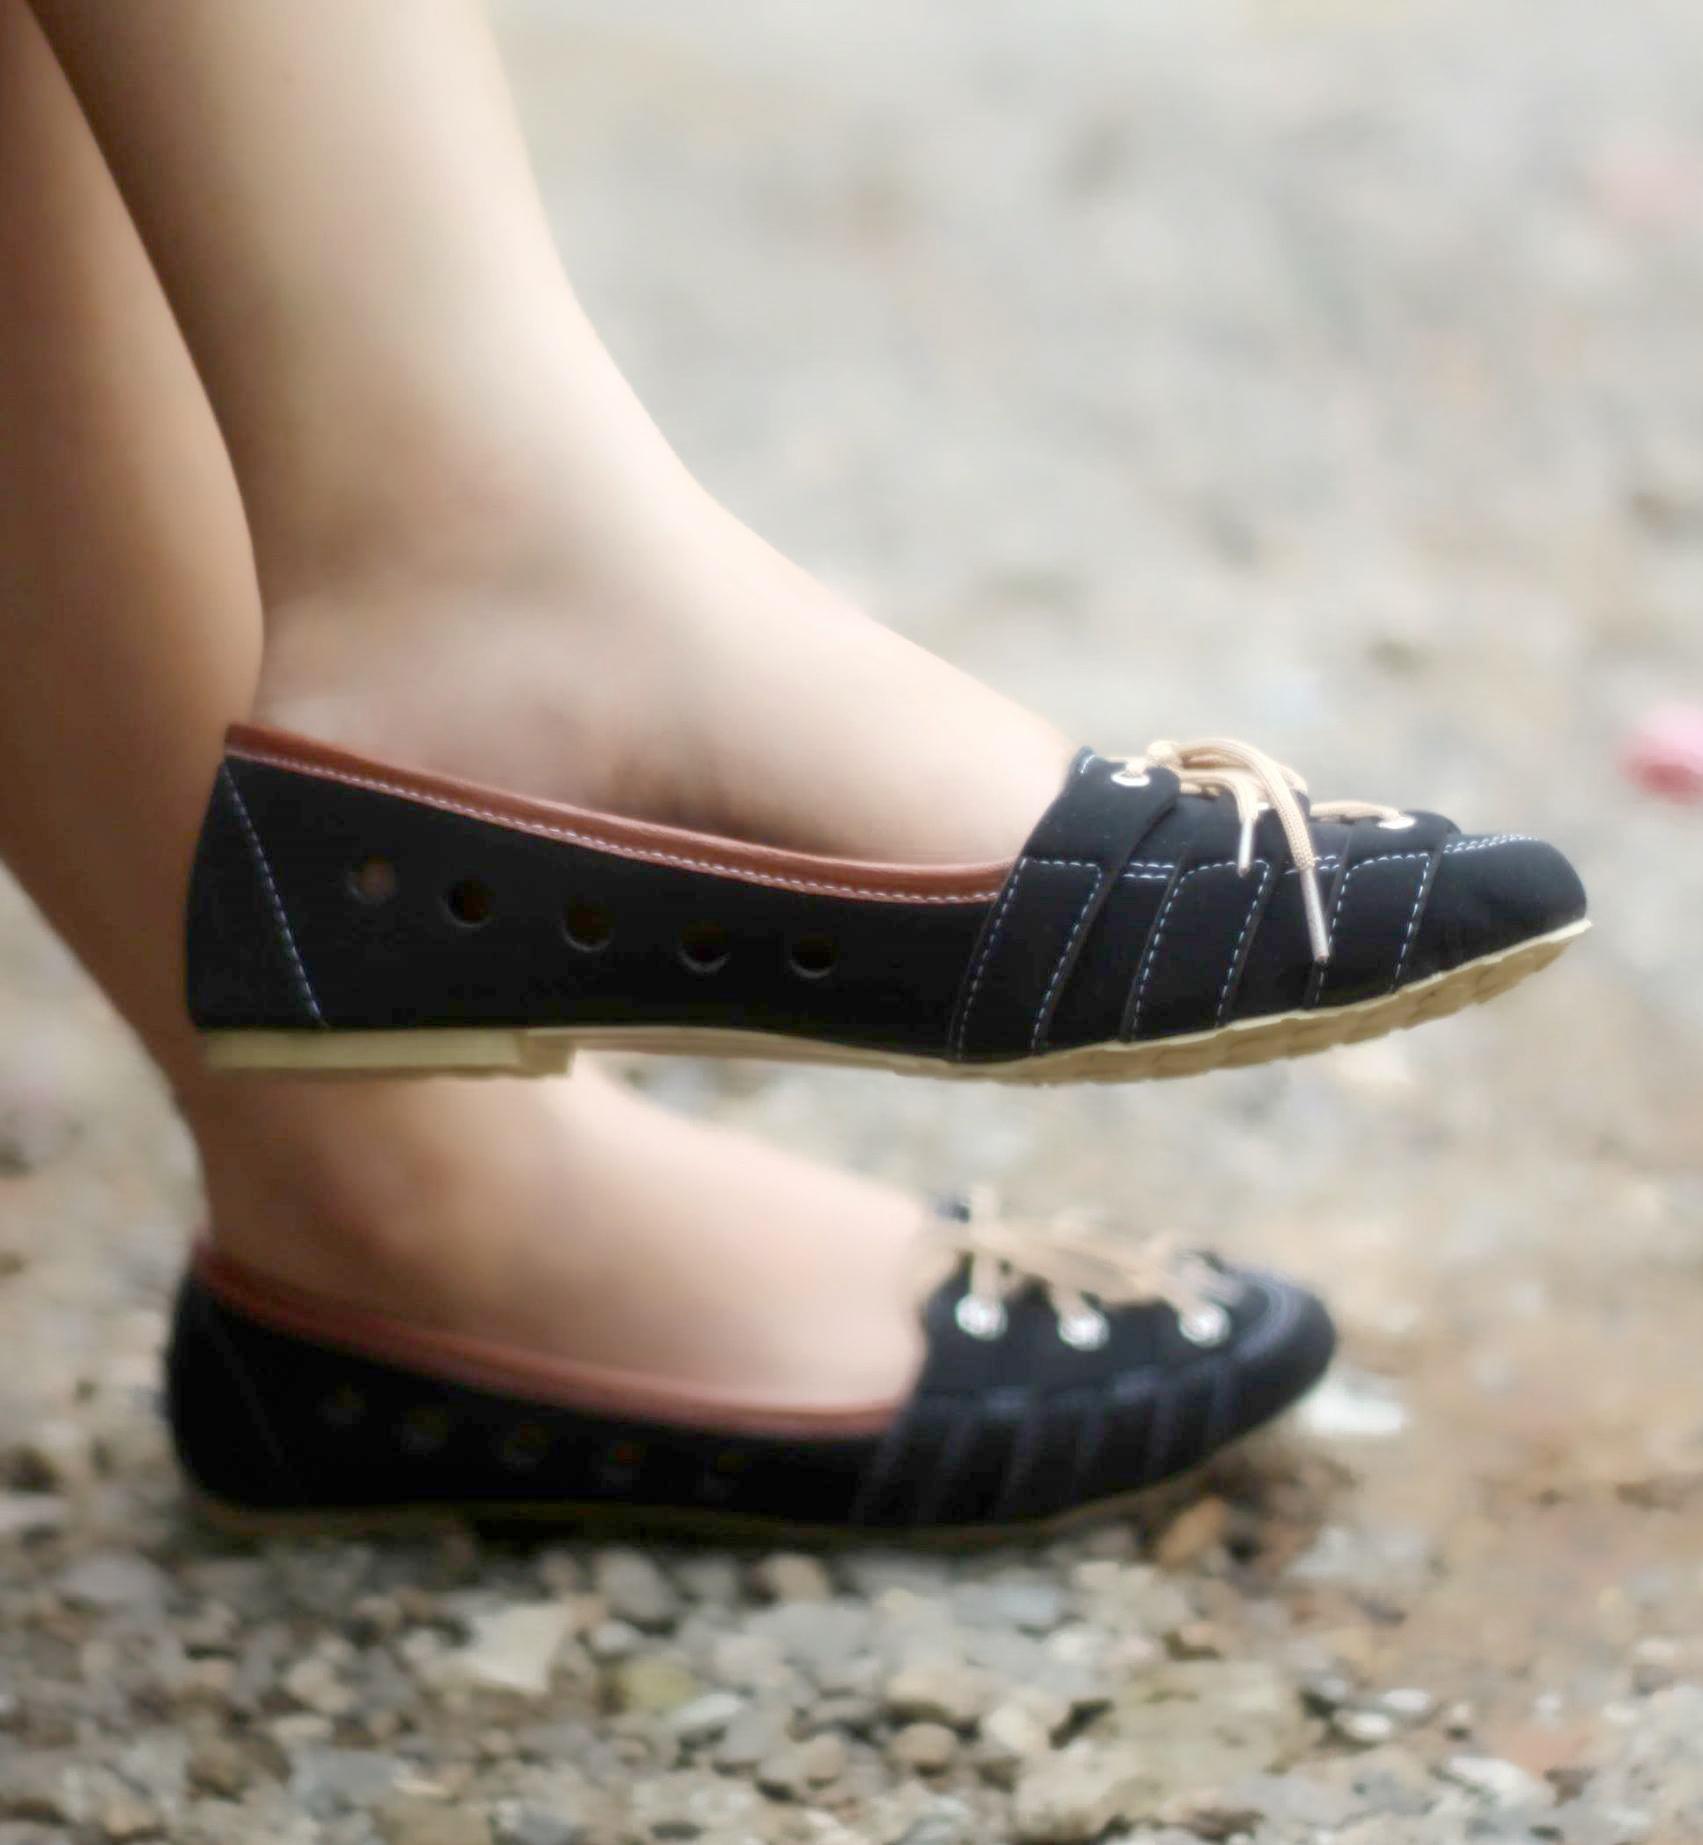 Jual Sepatu Sandal Wanita Flat Shoes Tali   Sendal Cewek ...